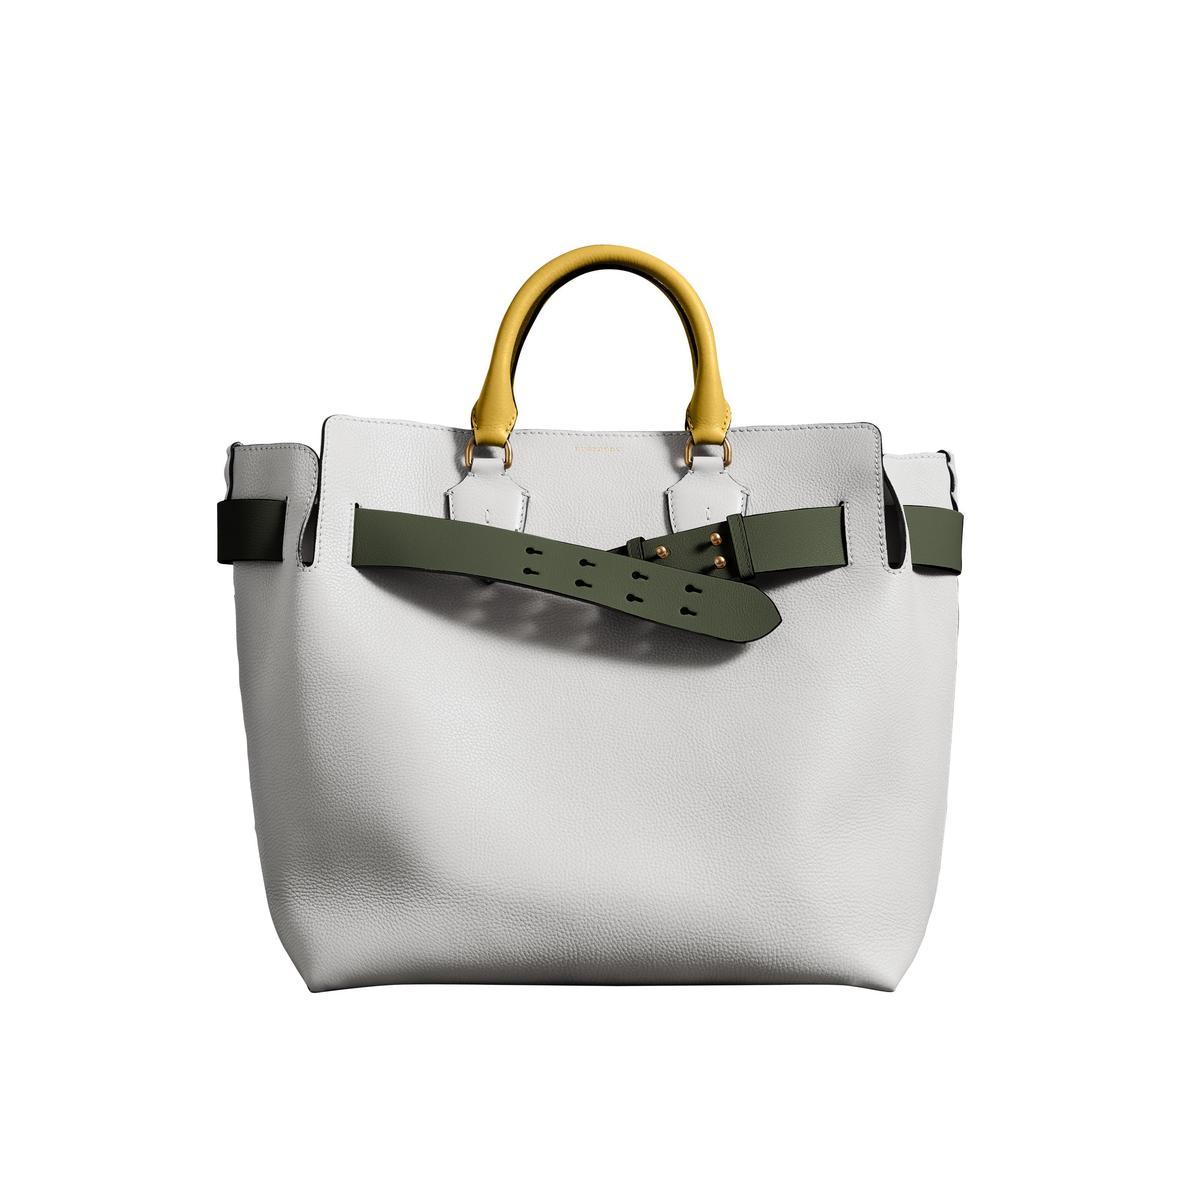 The Belt 大型白色皮革包。NT$92,000(品牌提供)